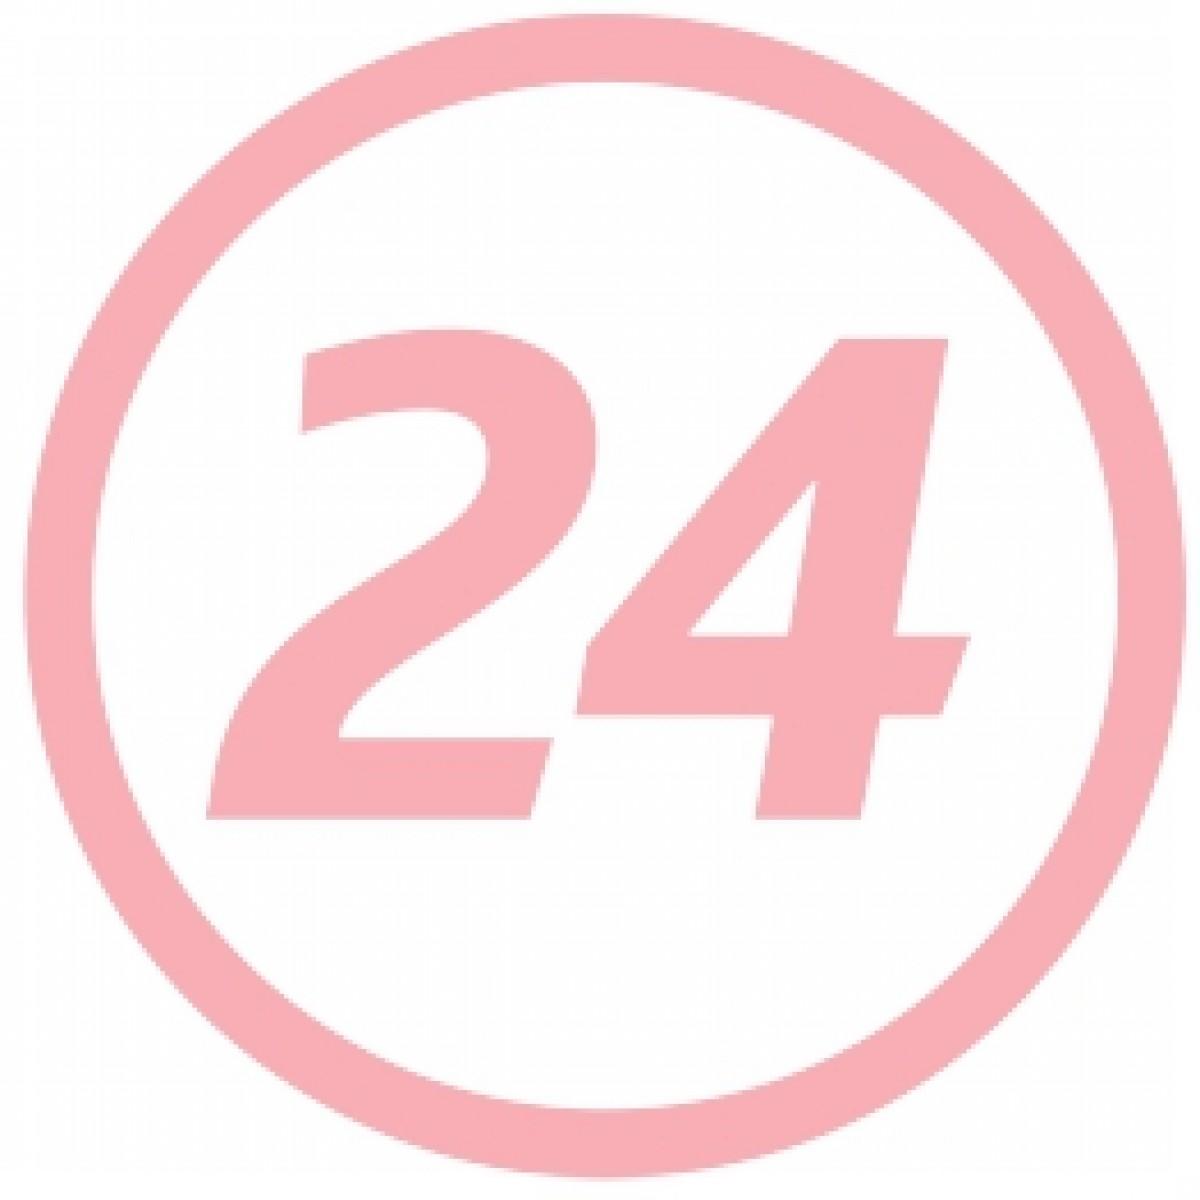 VICHY Neovadiol Cremă Reactivatoare Fundamentală Pentru Tenul Matur Uscat Sensibil, Crema, 50 ml